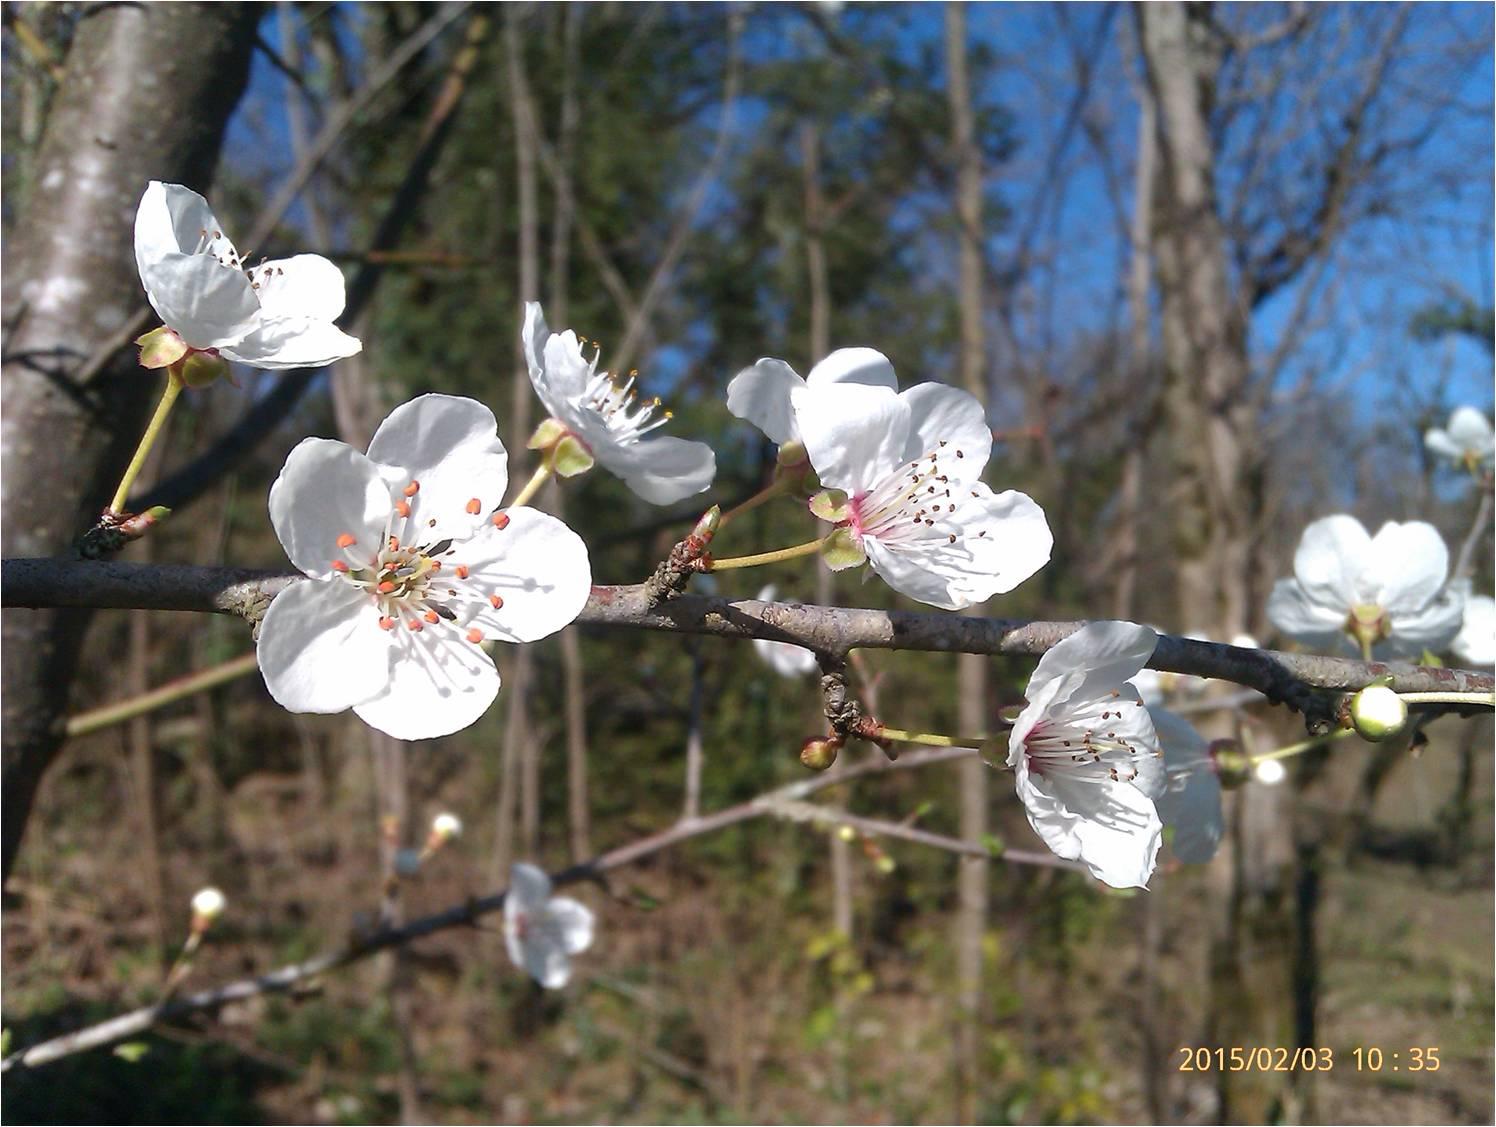 شکوفه بد موقعه درخت گوجه سبز در شمال کشور